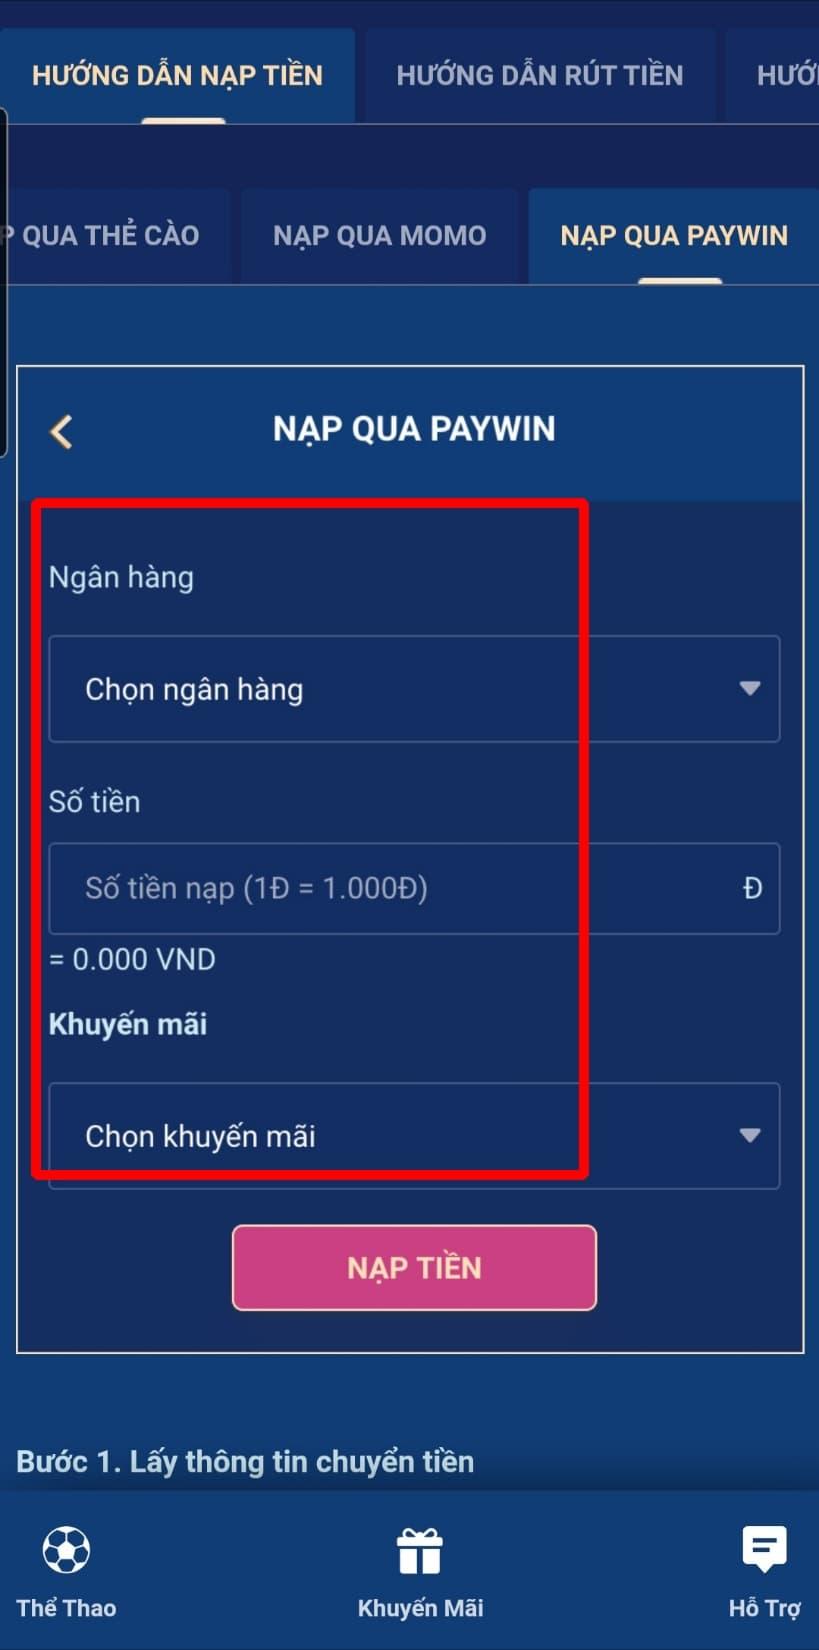 Điền đầy đủ các thông tin để nạp tiền qua Paywin